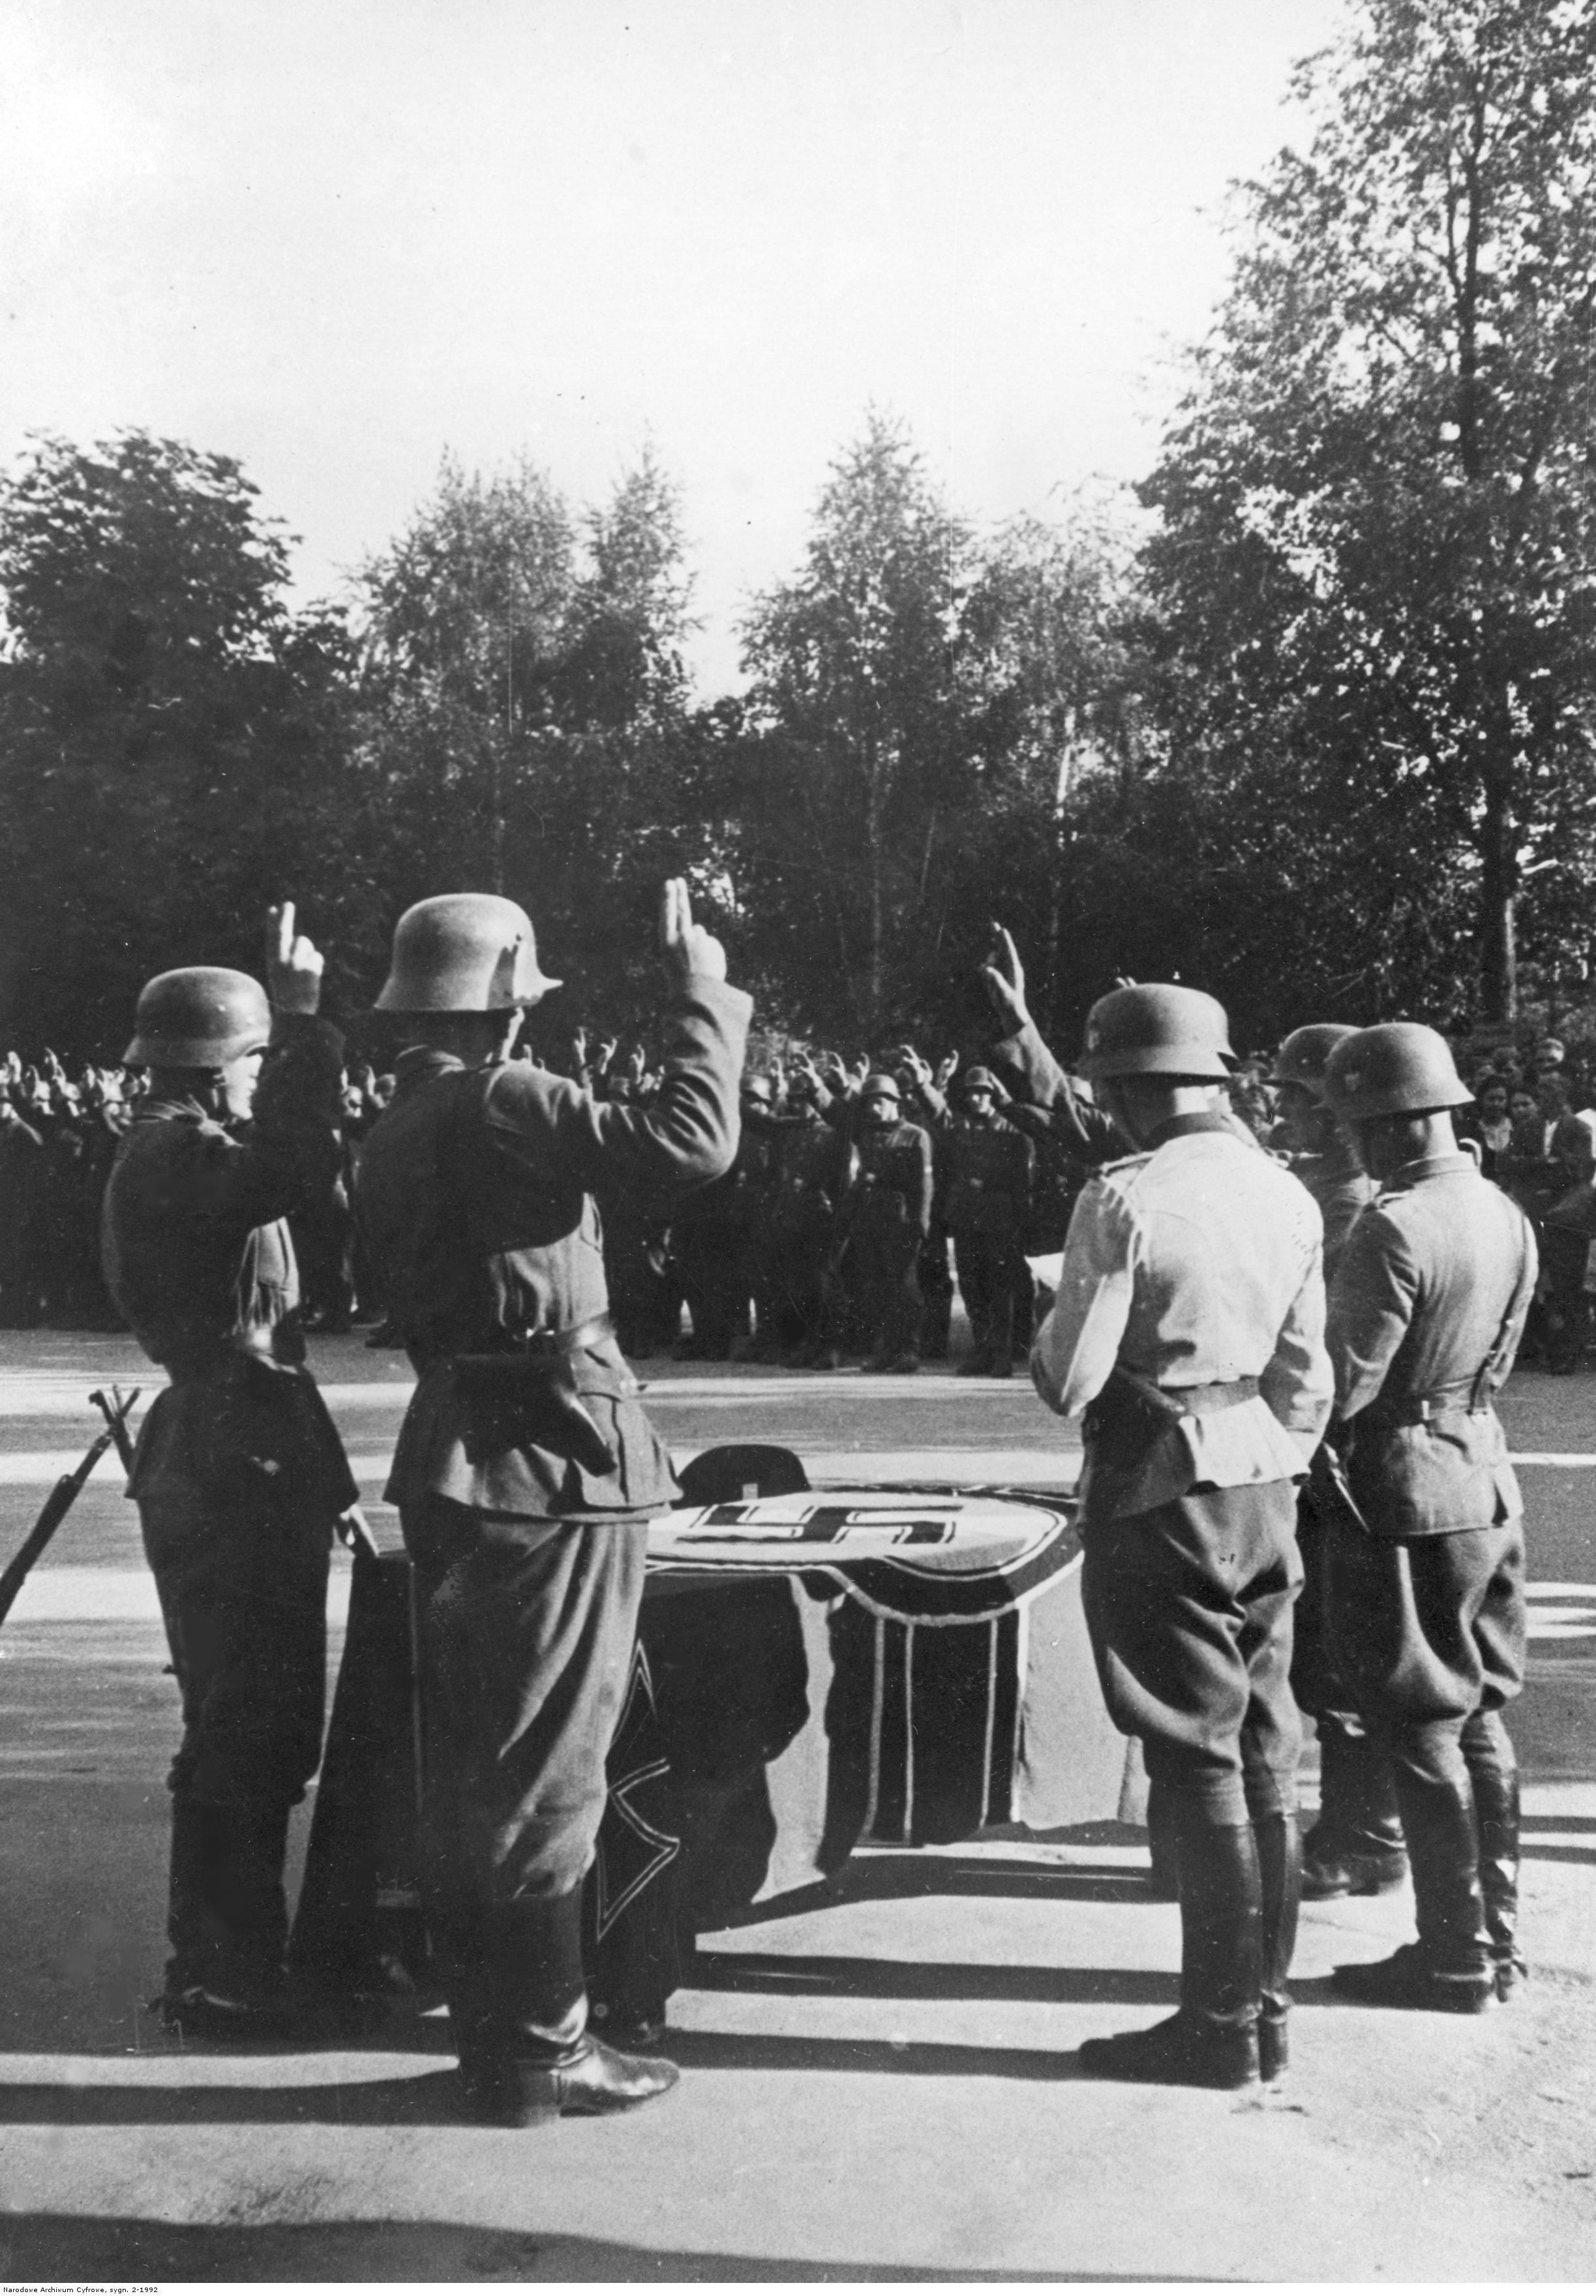 1942. Харьков. Присяга подразделения украинских добровольцев. Июль